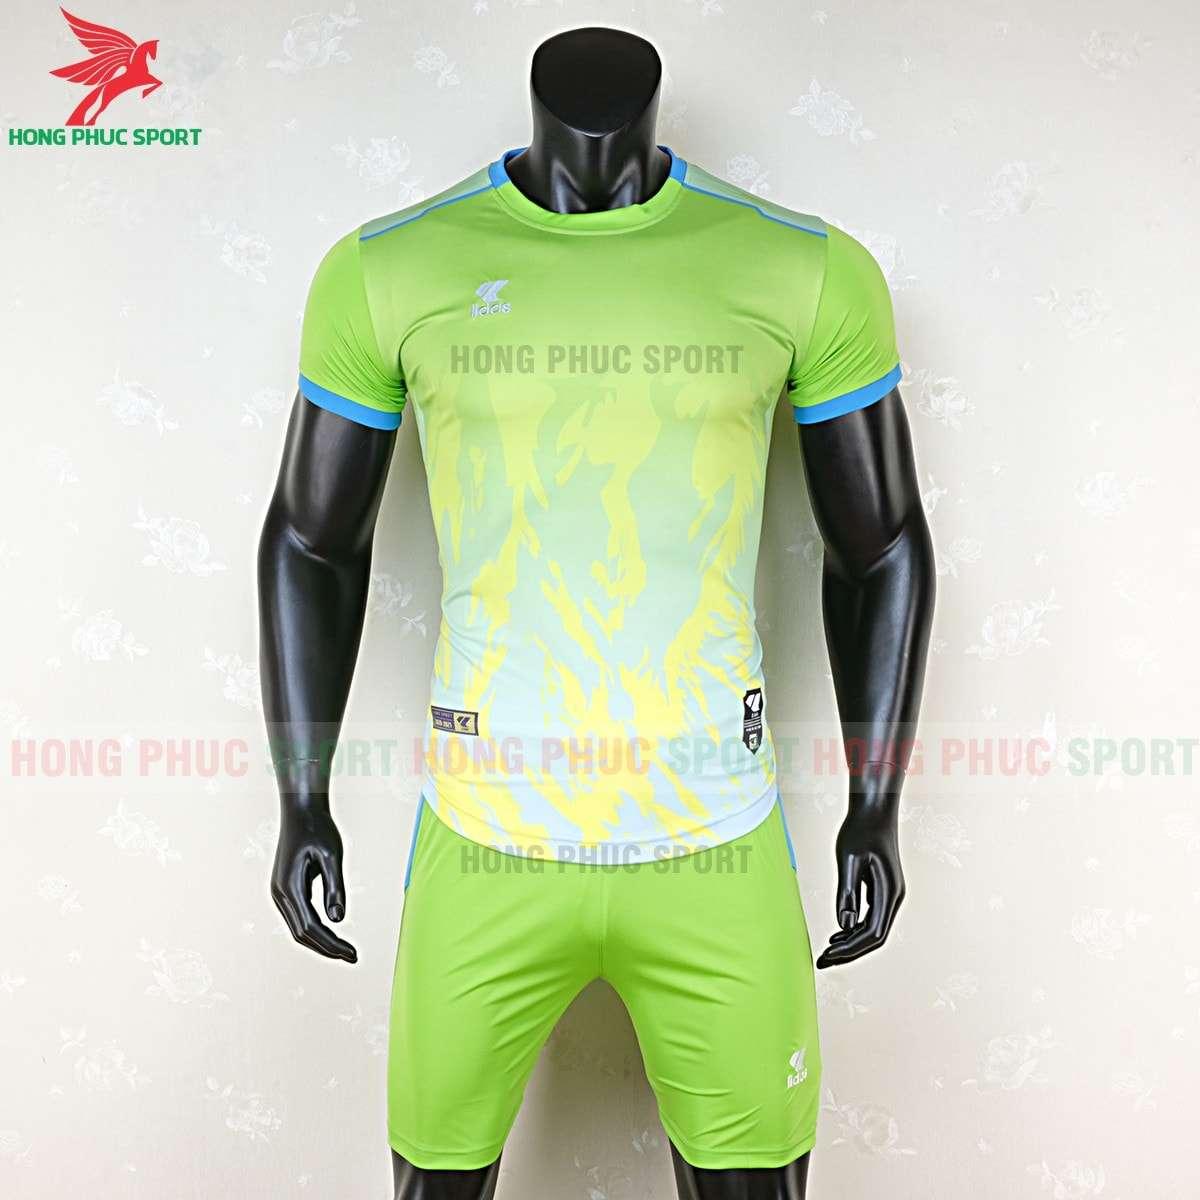 Mẫu áo bóng đá không logo Lidas 089 màu xanh nõn chuối